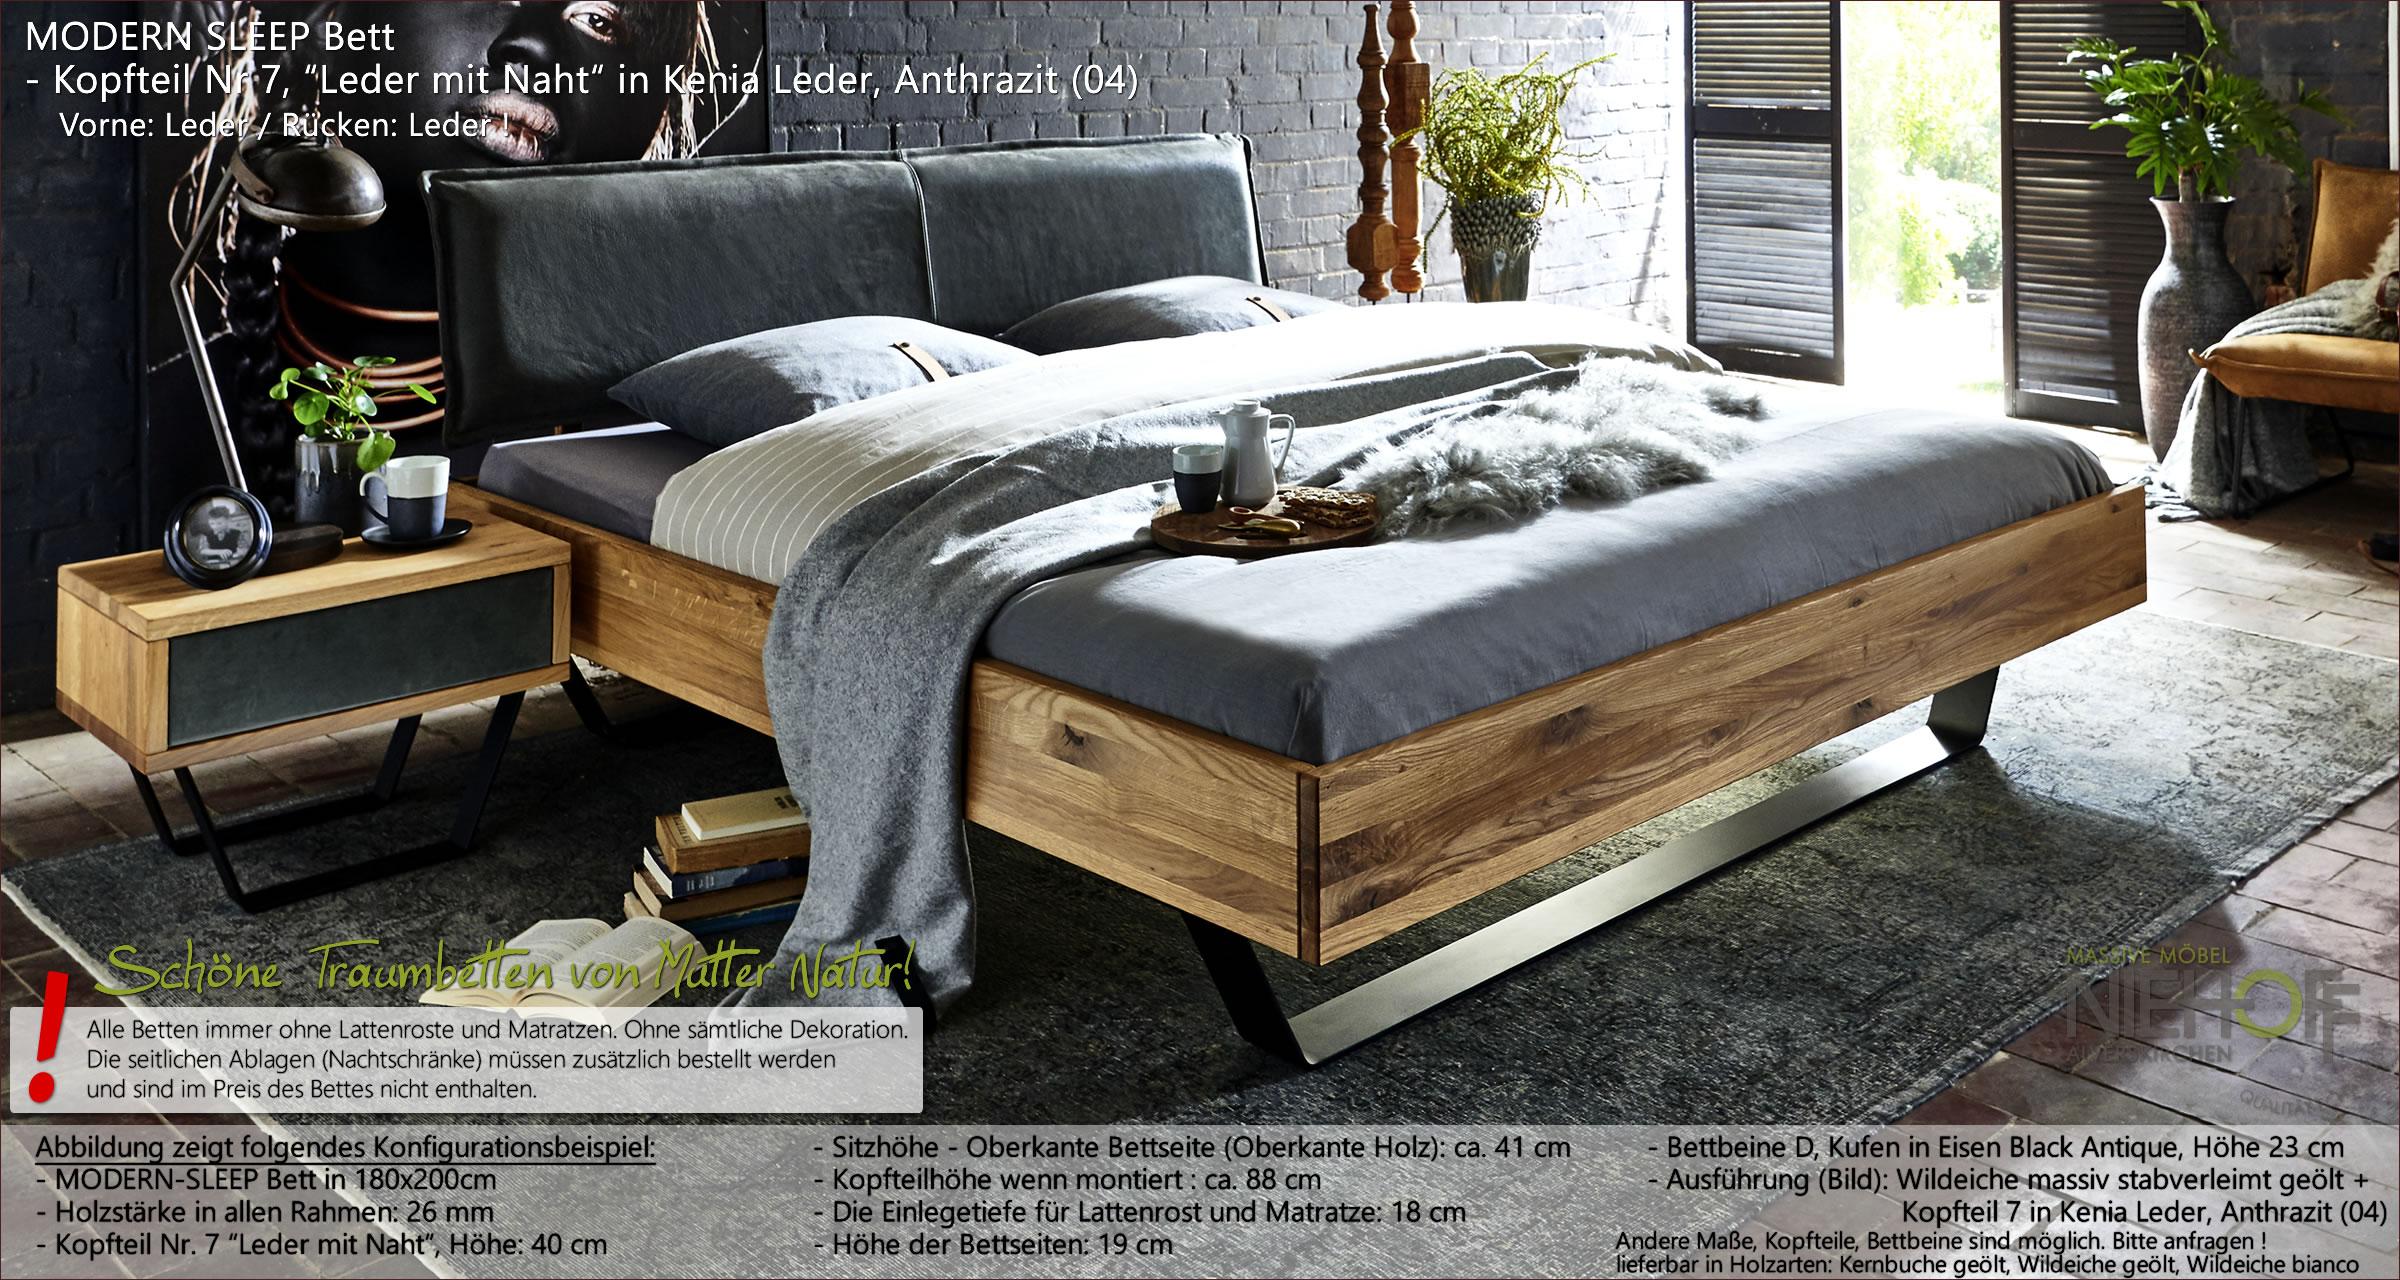 Full Size of Kopfteil Bett 140 Ikea 180 Diy Kissen 200 Cm 160 Selber Bauen Rattan Modernes Massivholzbett Modern Sleep Mit Aus Kenia Leder Ausziehbares 120x200 Bett Kopfteil Bett